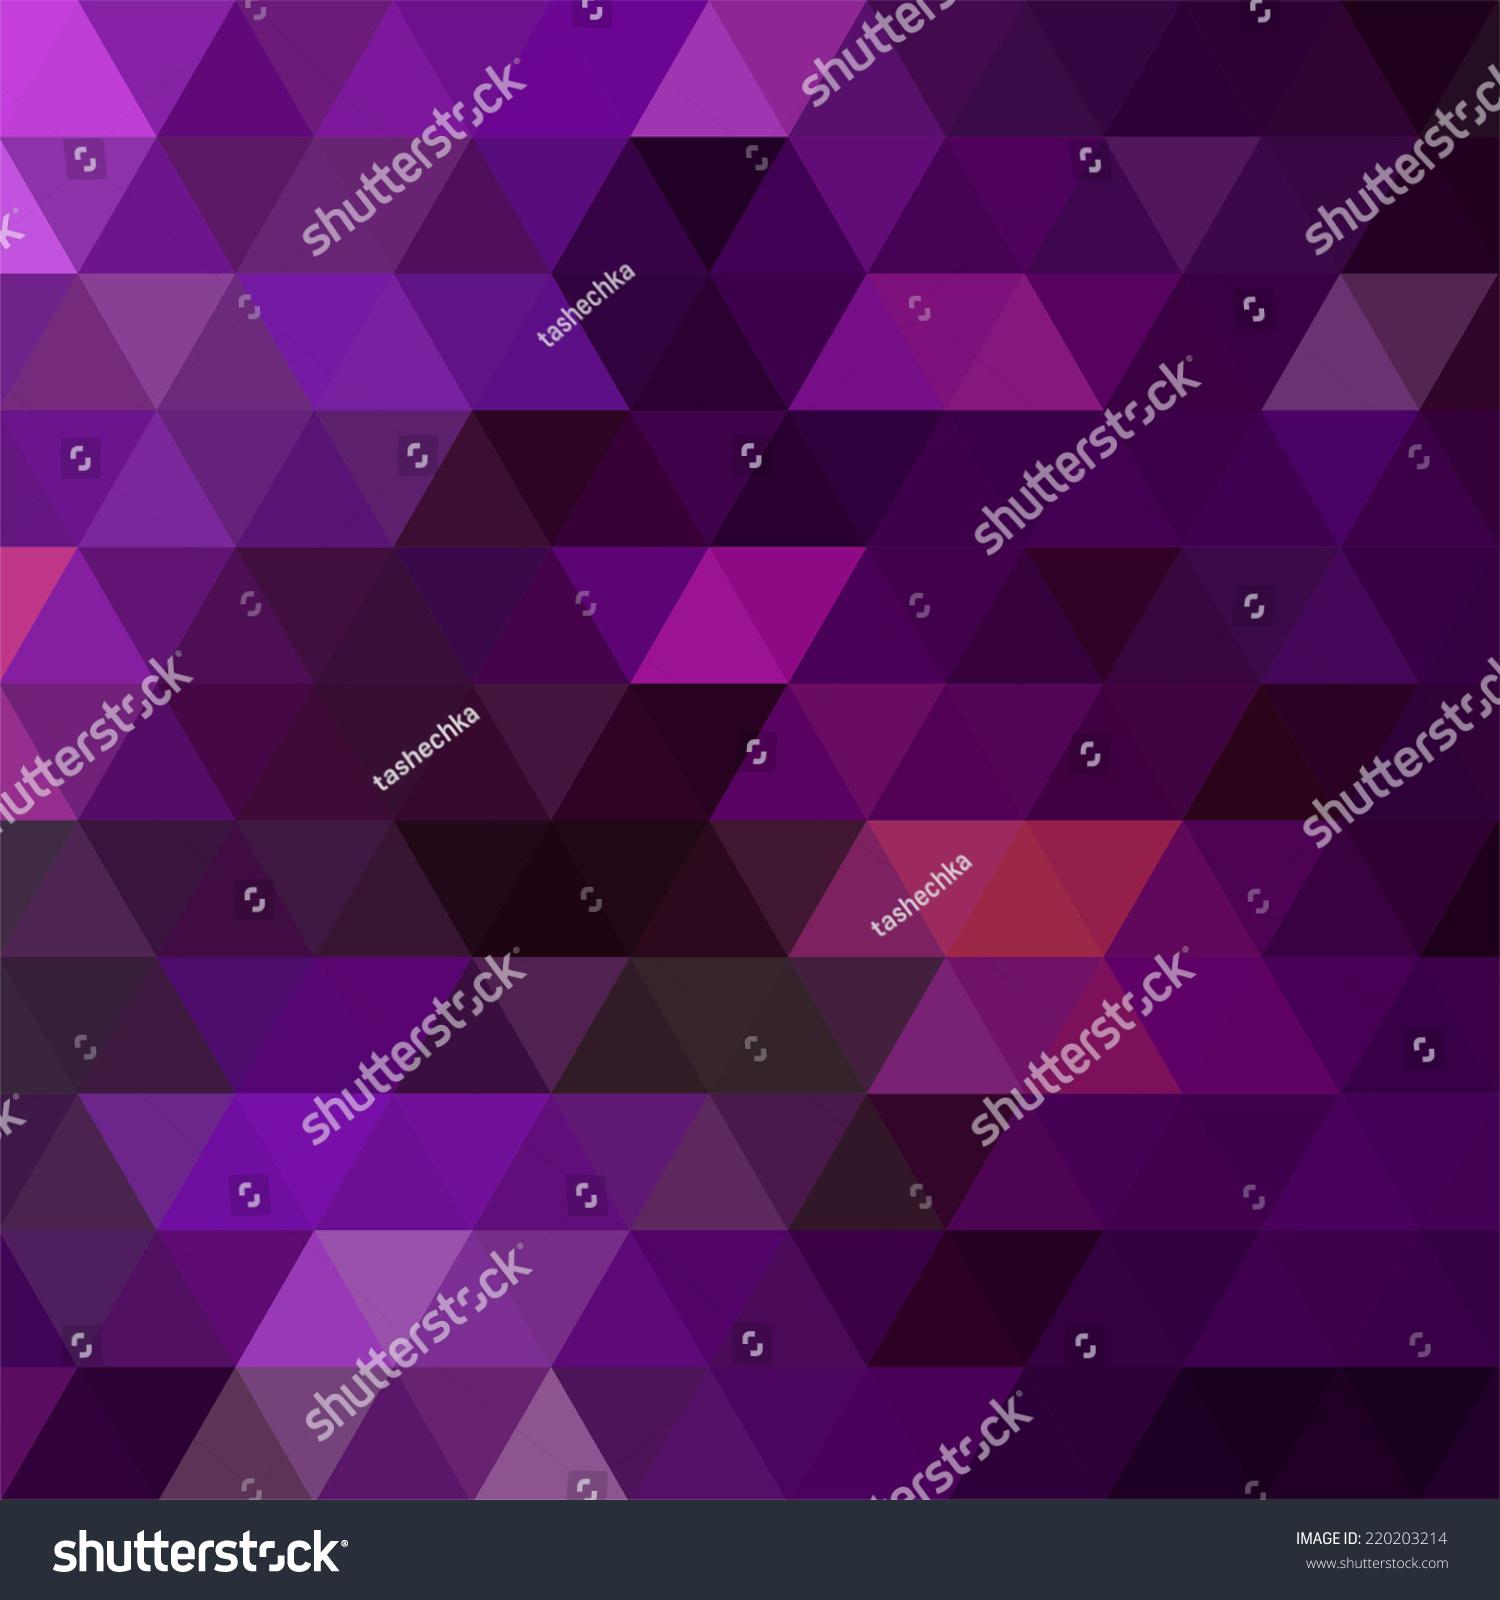 由三角形组成的背景-背景/素材